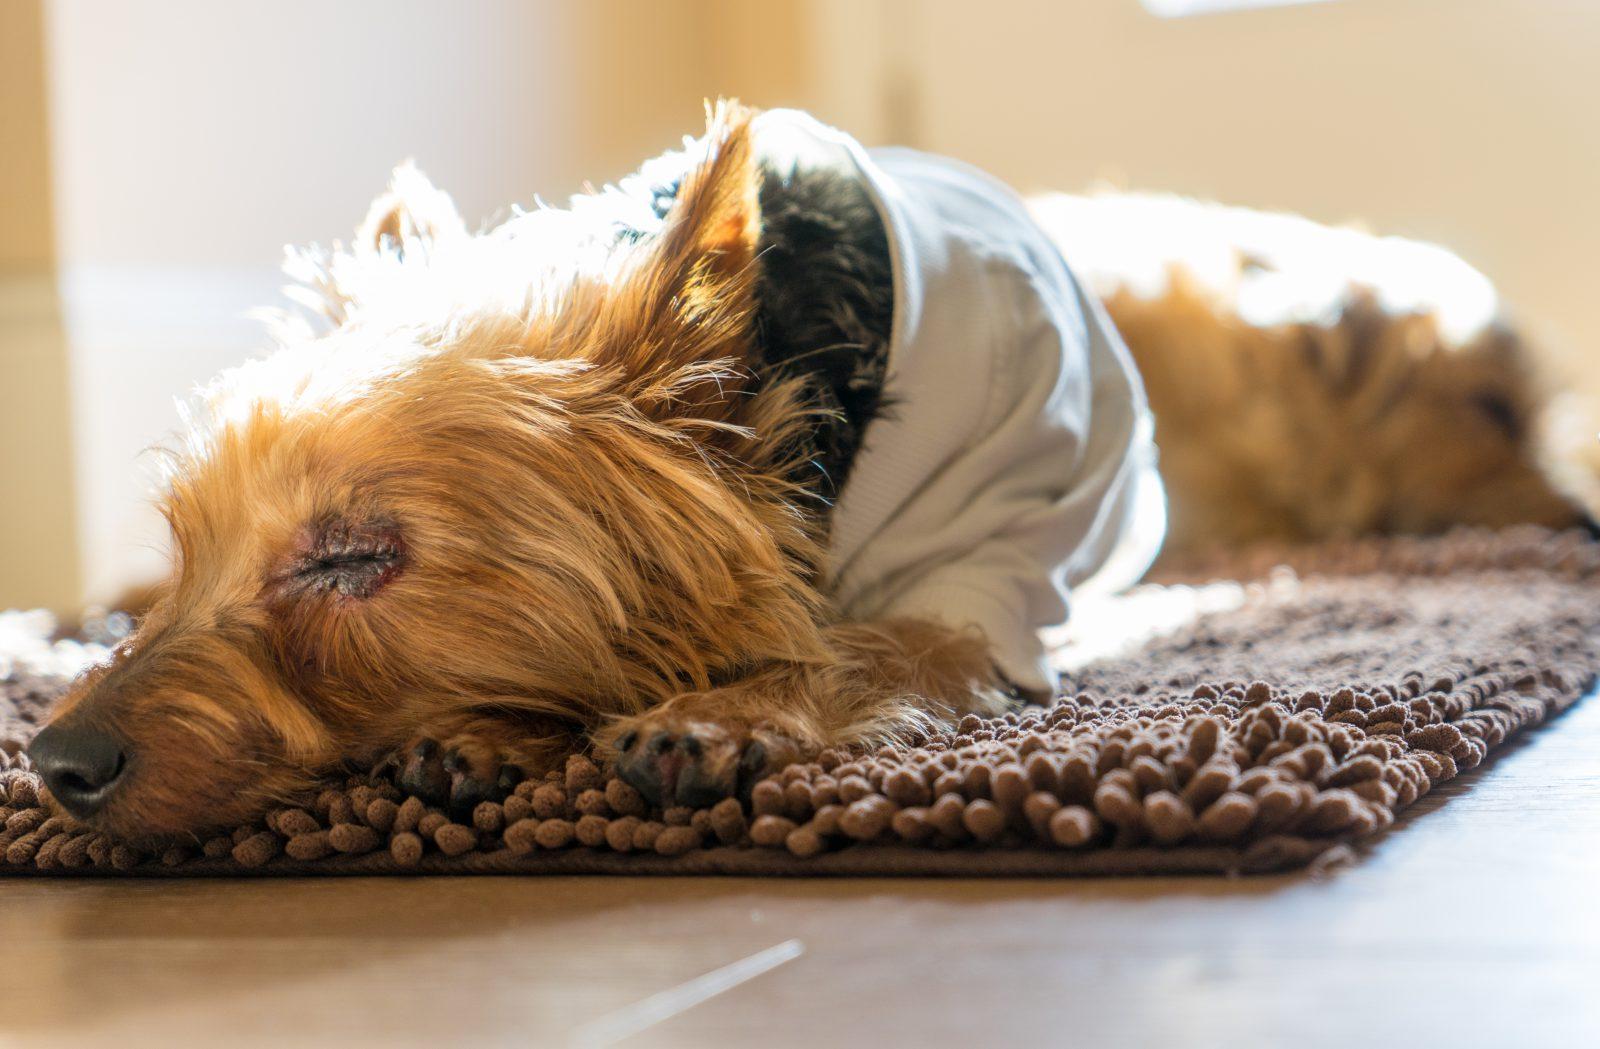 Cachorro pequeno: Norfolk Terrier dormindo no tapete da sala em raro momento de descanso.